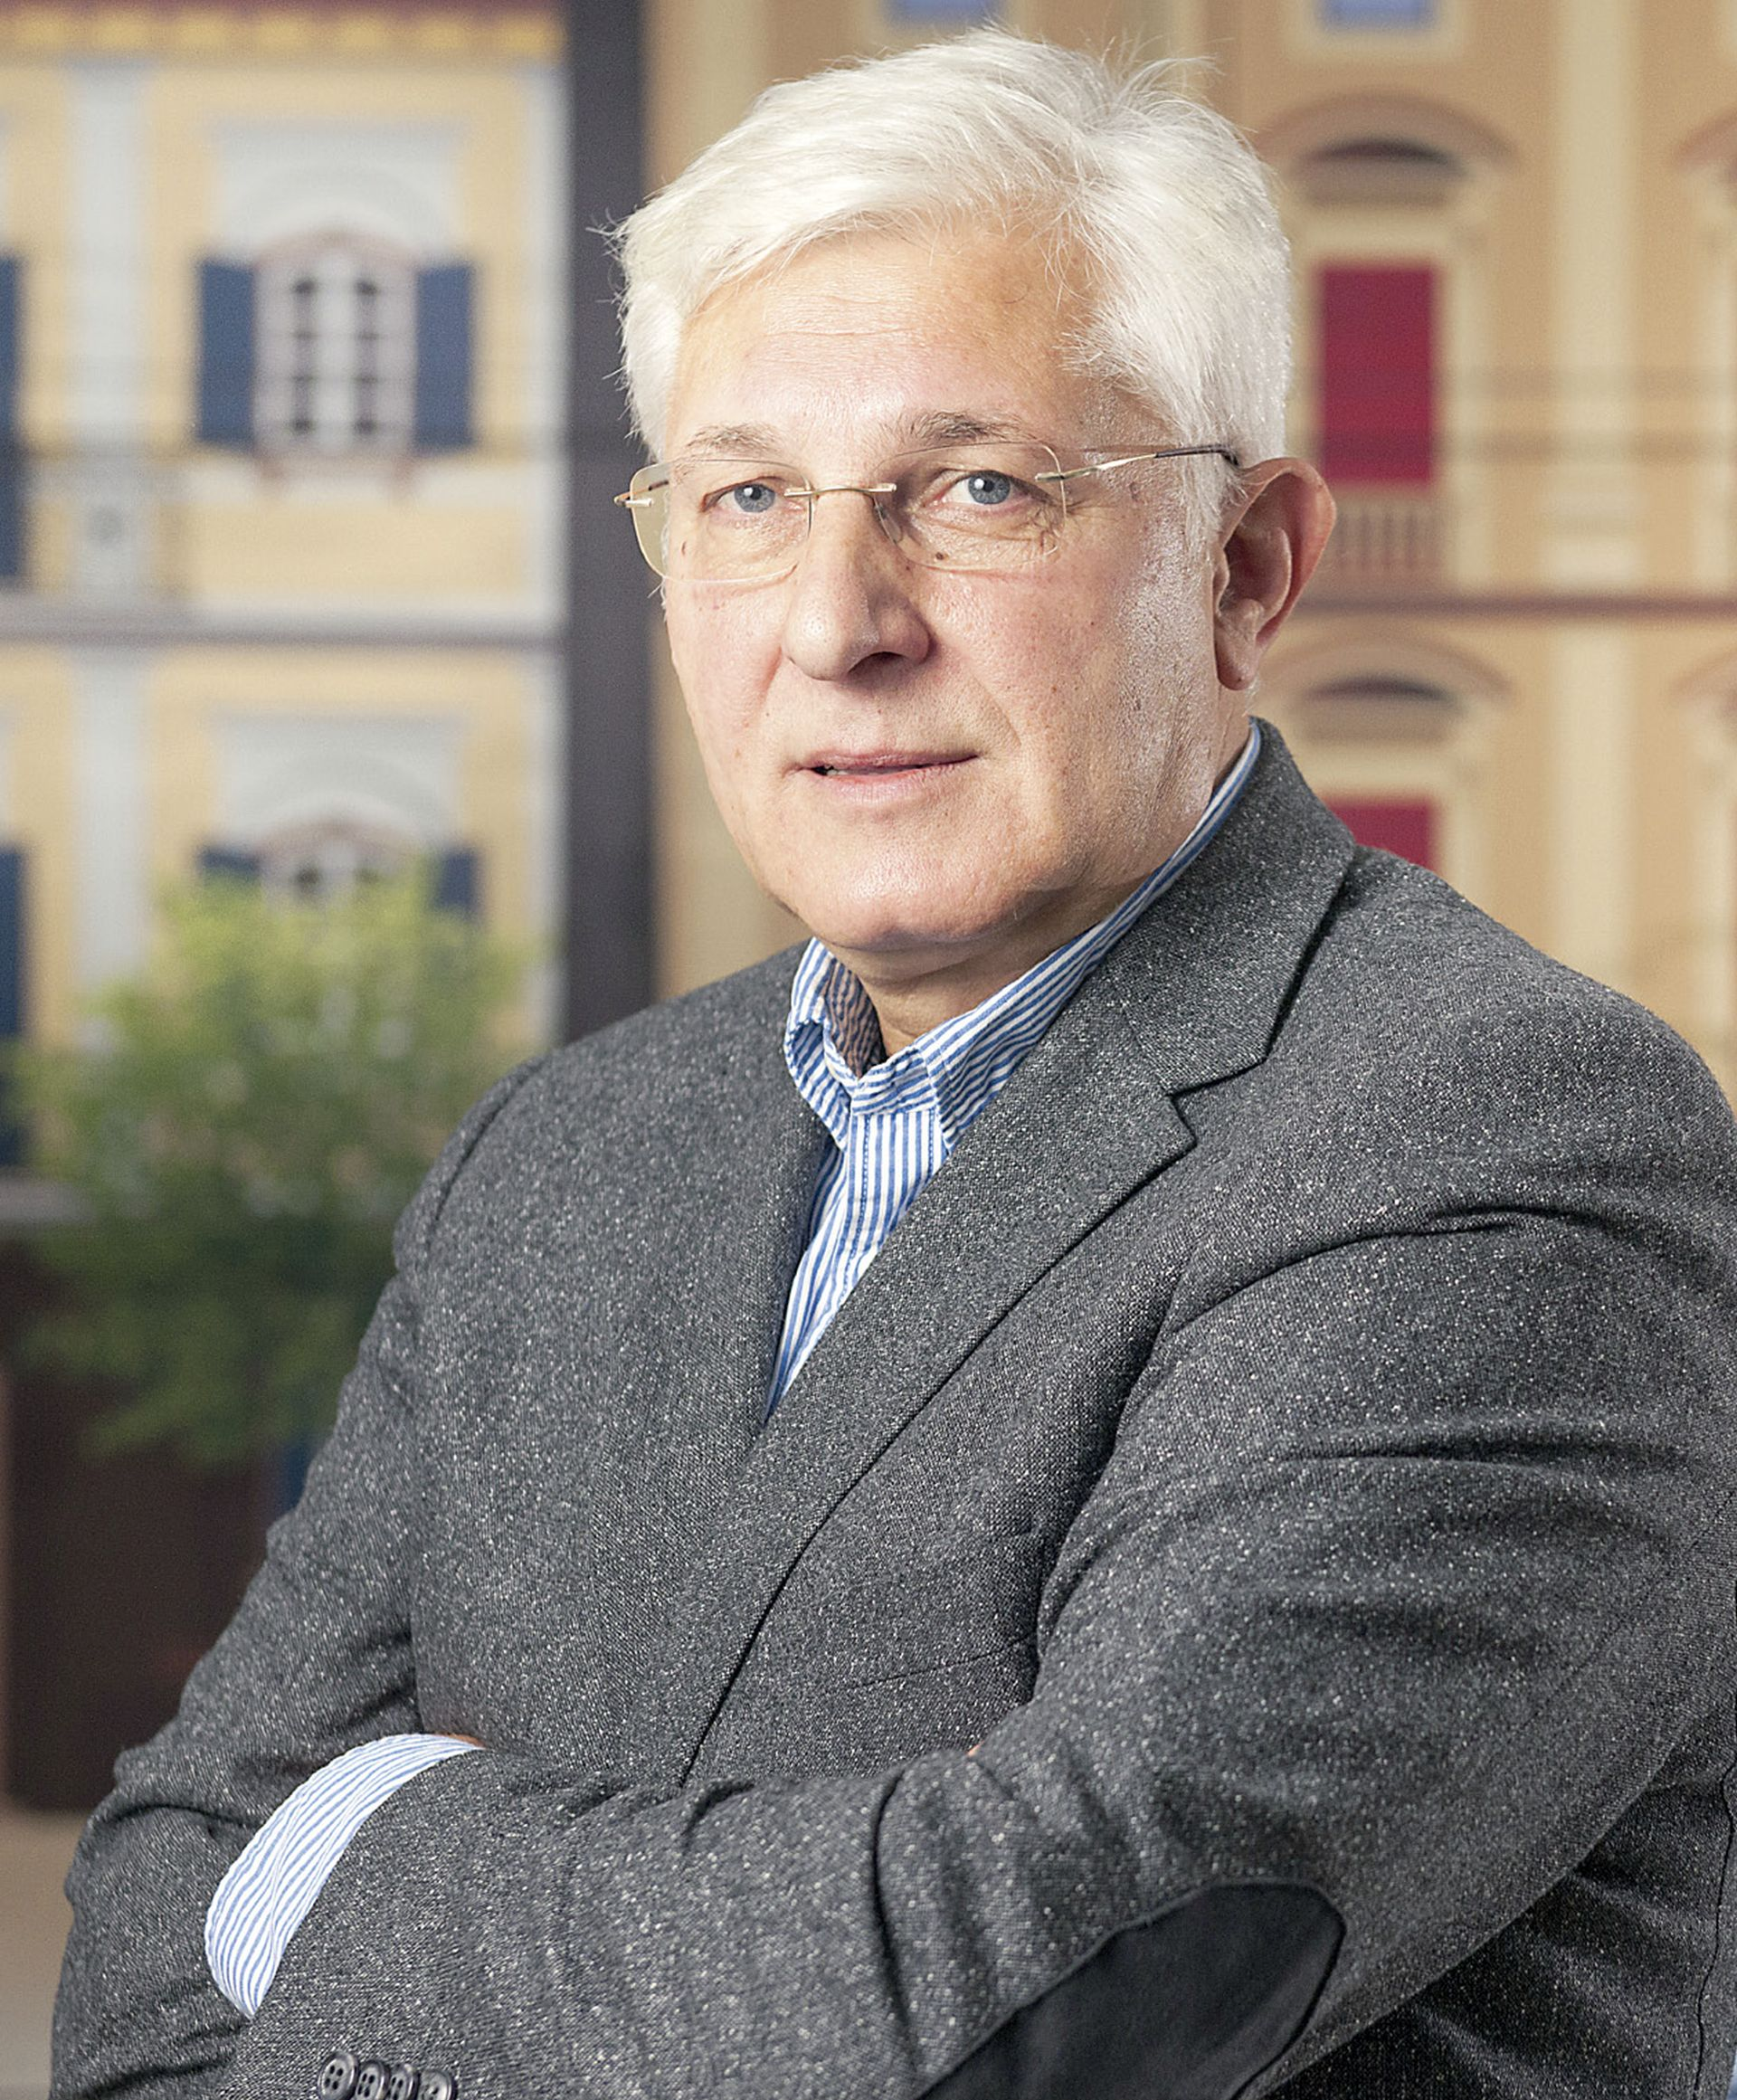 INTERVIEW: VLADIMIR ČAVRAK 'Zdravko Marić treba otići iz Vlade u ime profesionalne časti'